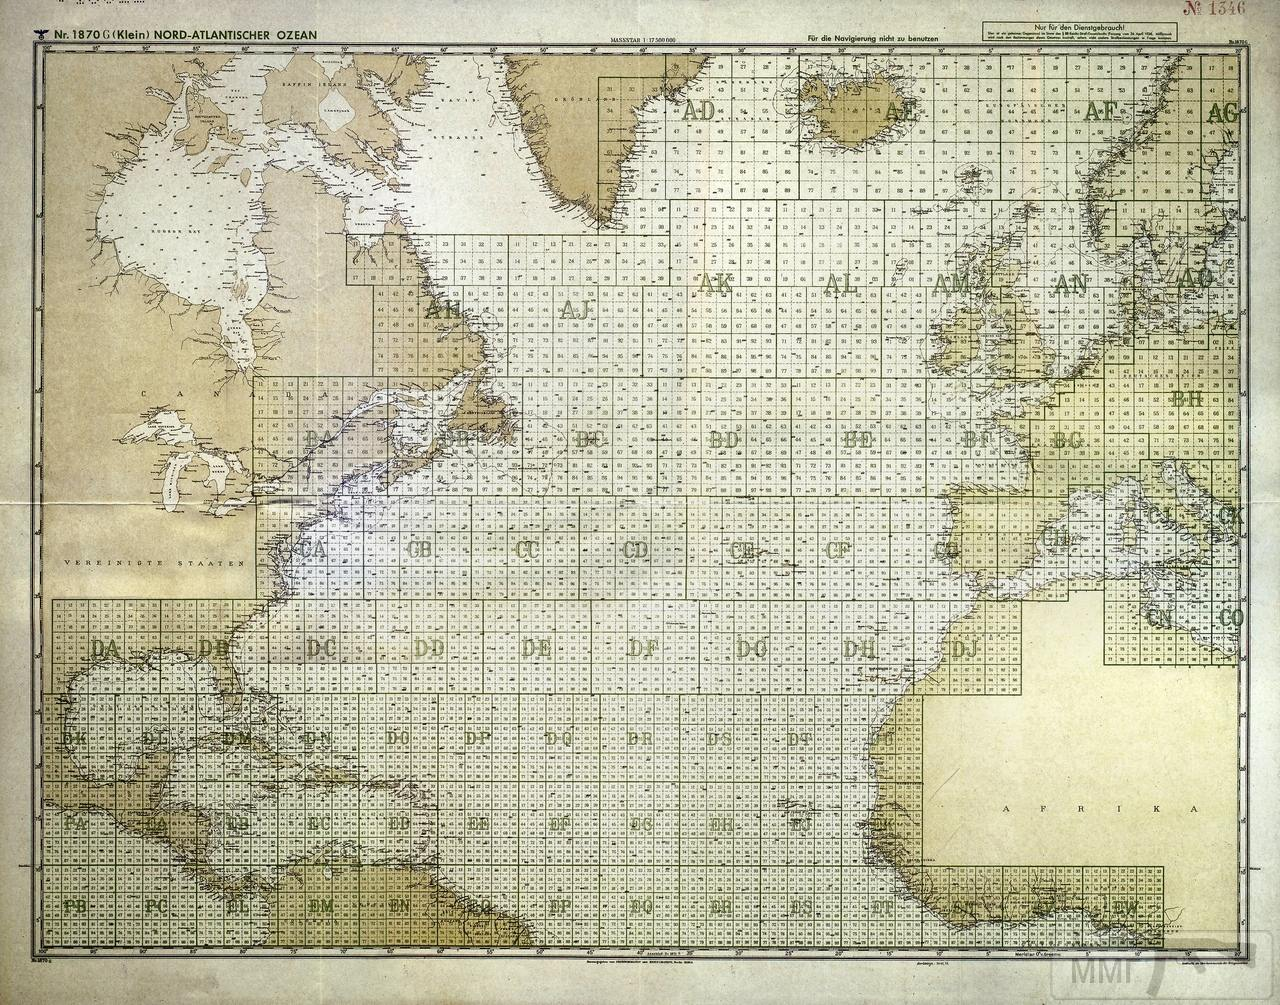 97658 - Действия немецких подлодок в Атлантике